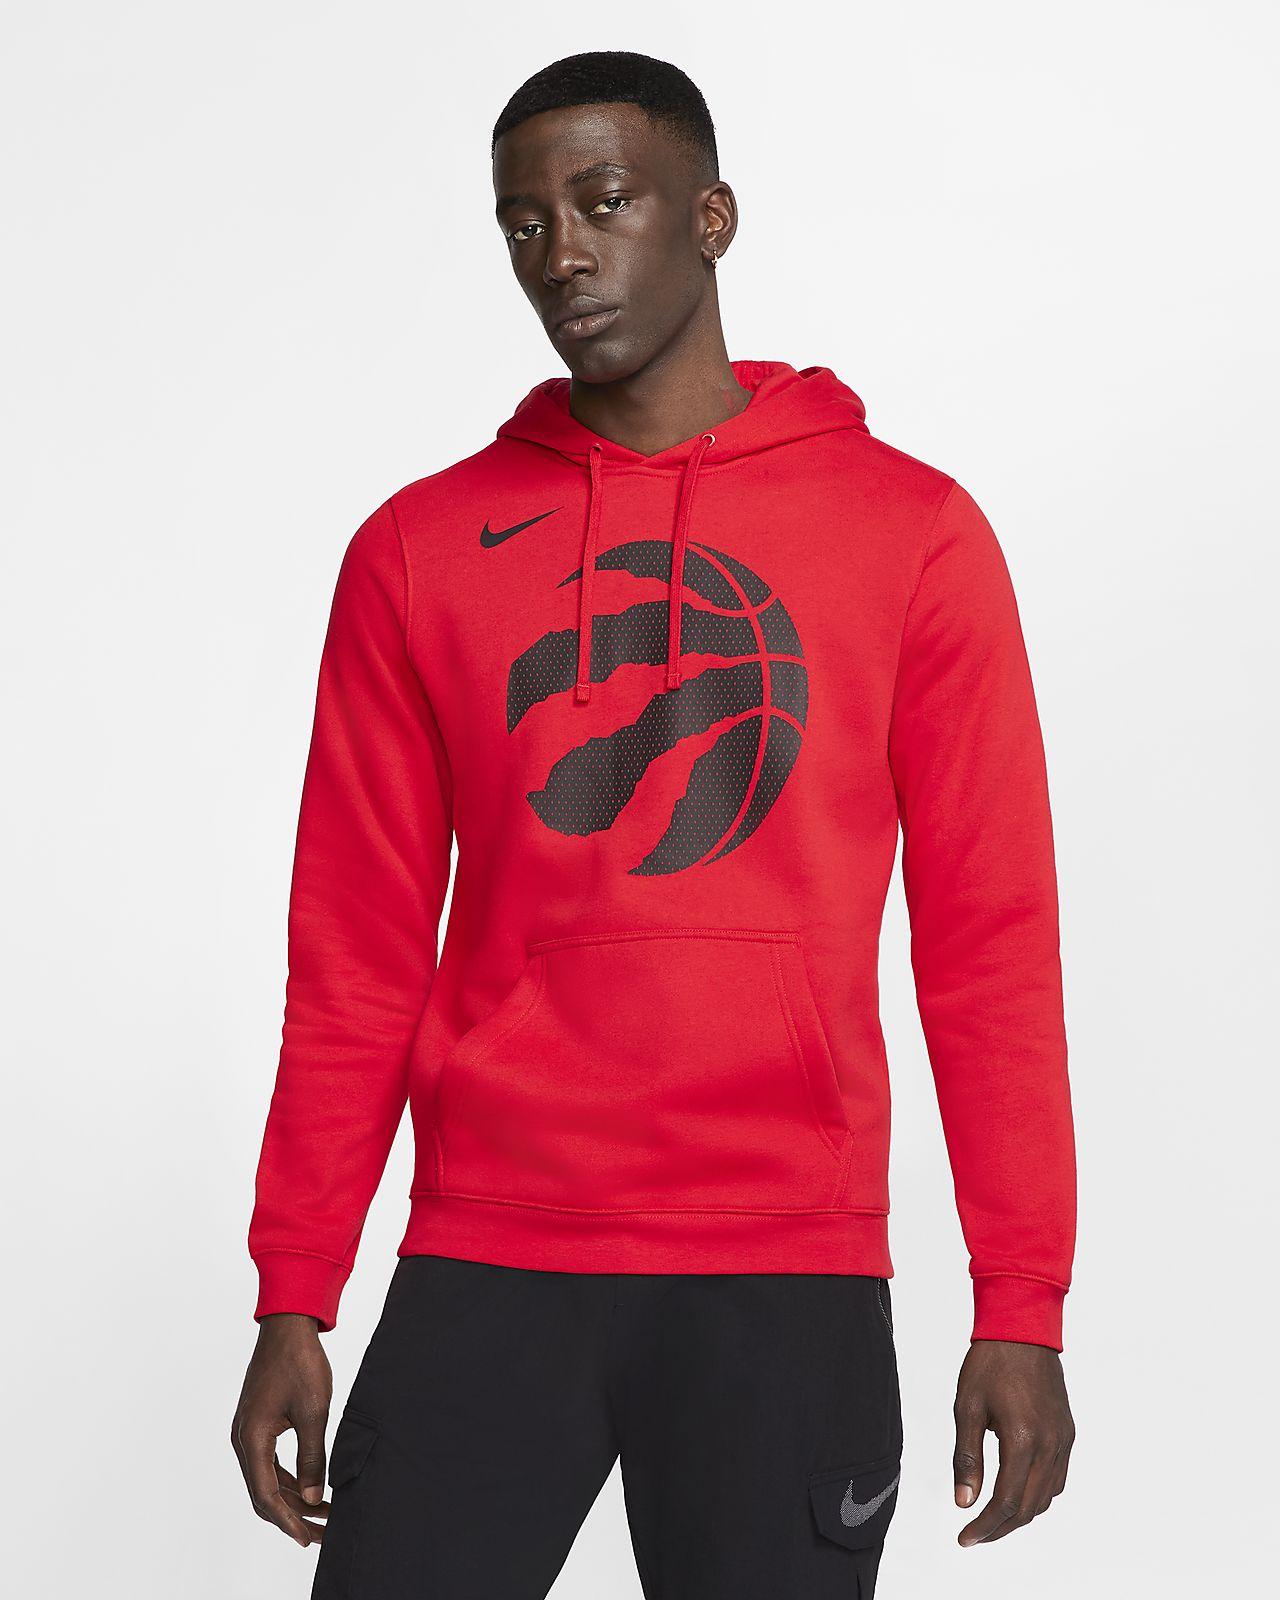 Toronto Raptors Nike Men's NBA Hoodie